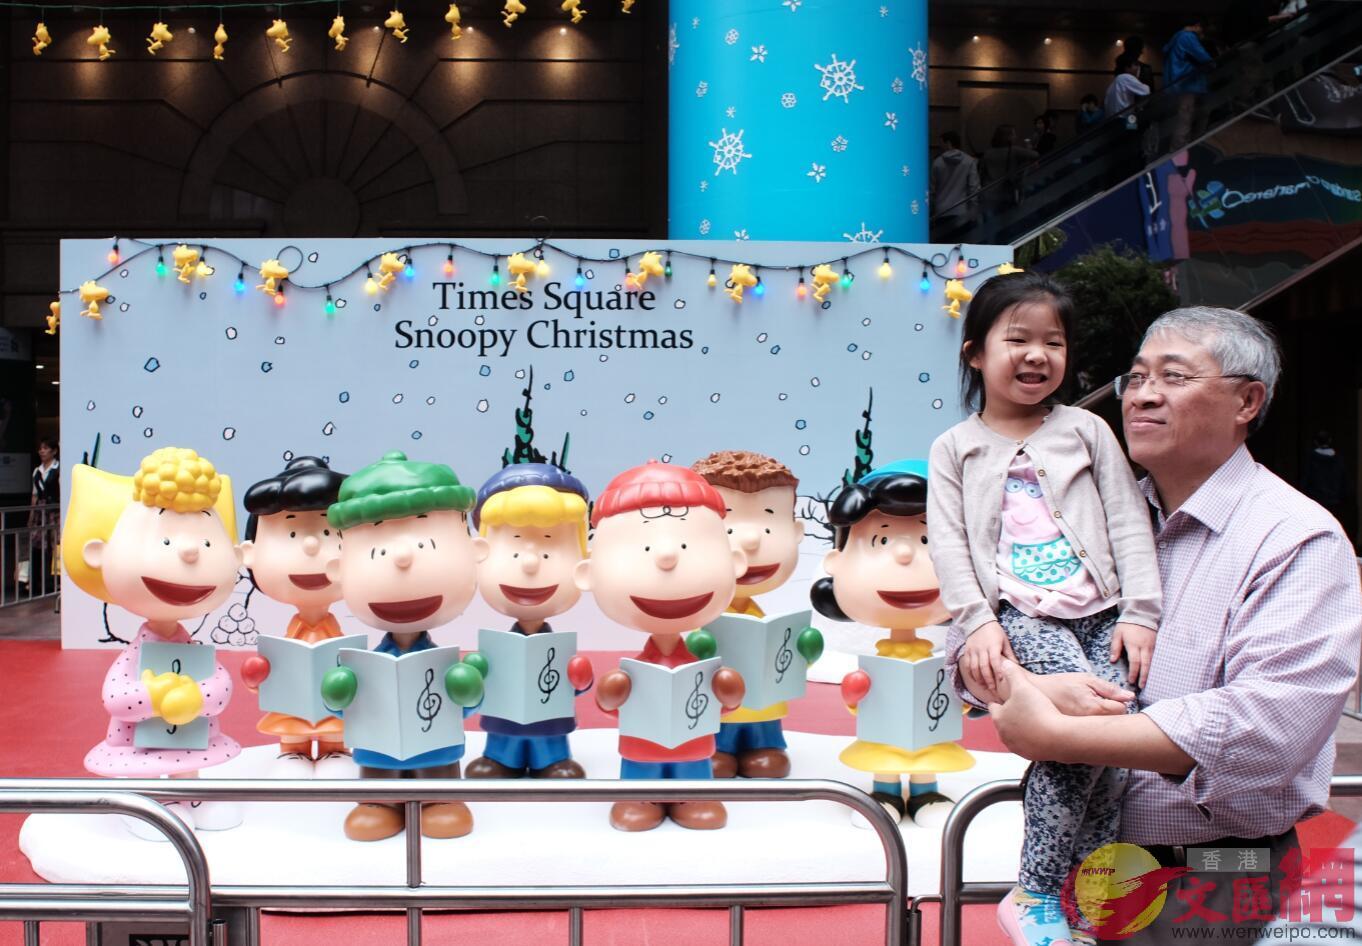 時代廣場內設有史努比及其好友的裝飾,以供市民拍照留念。